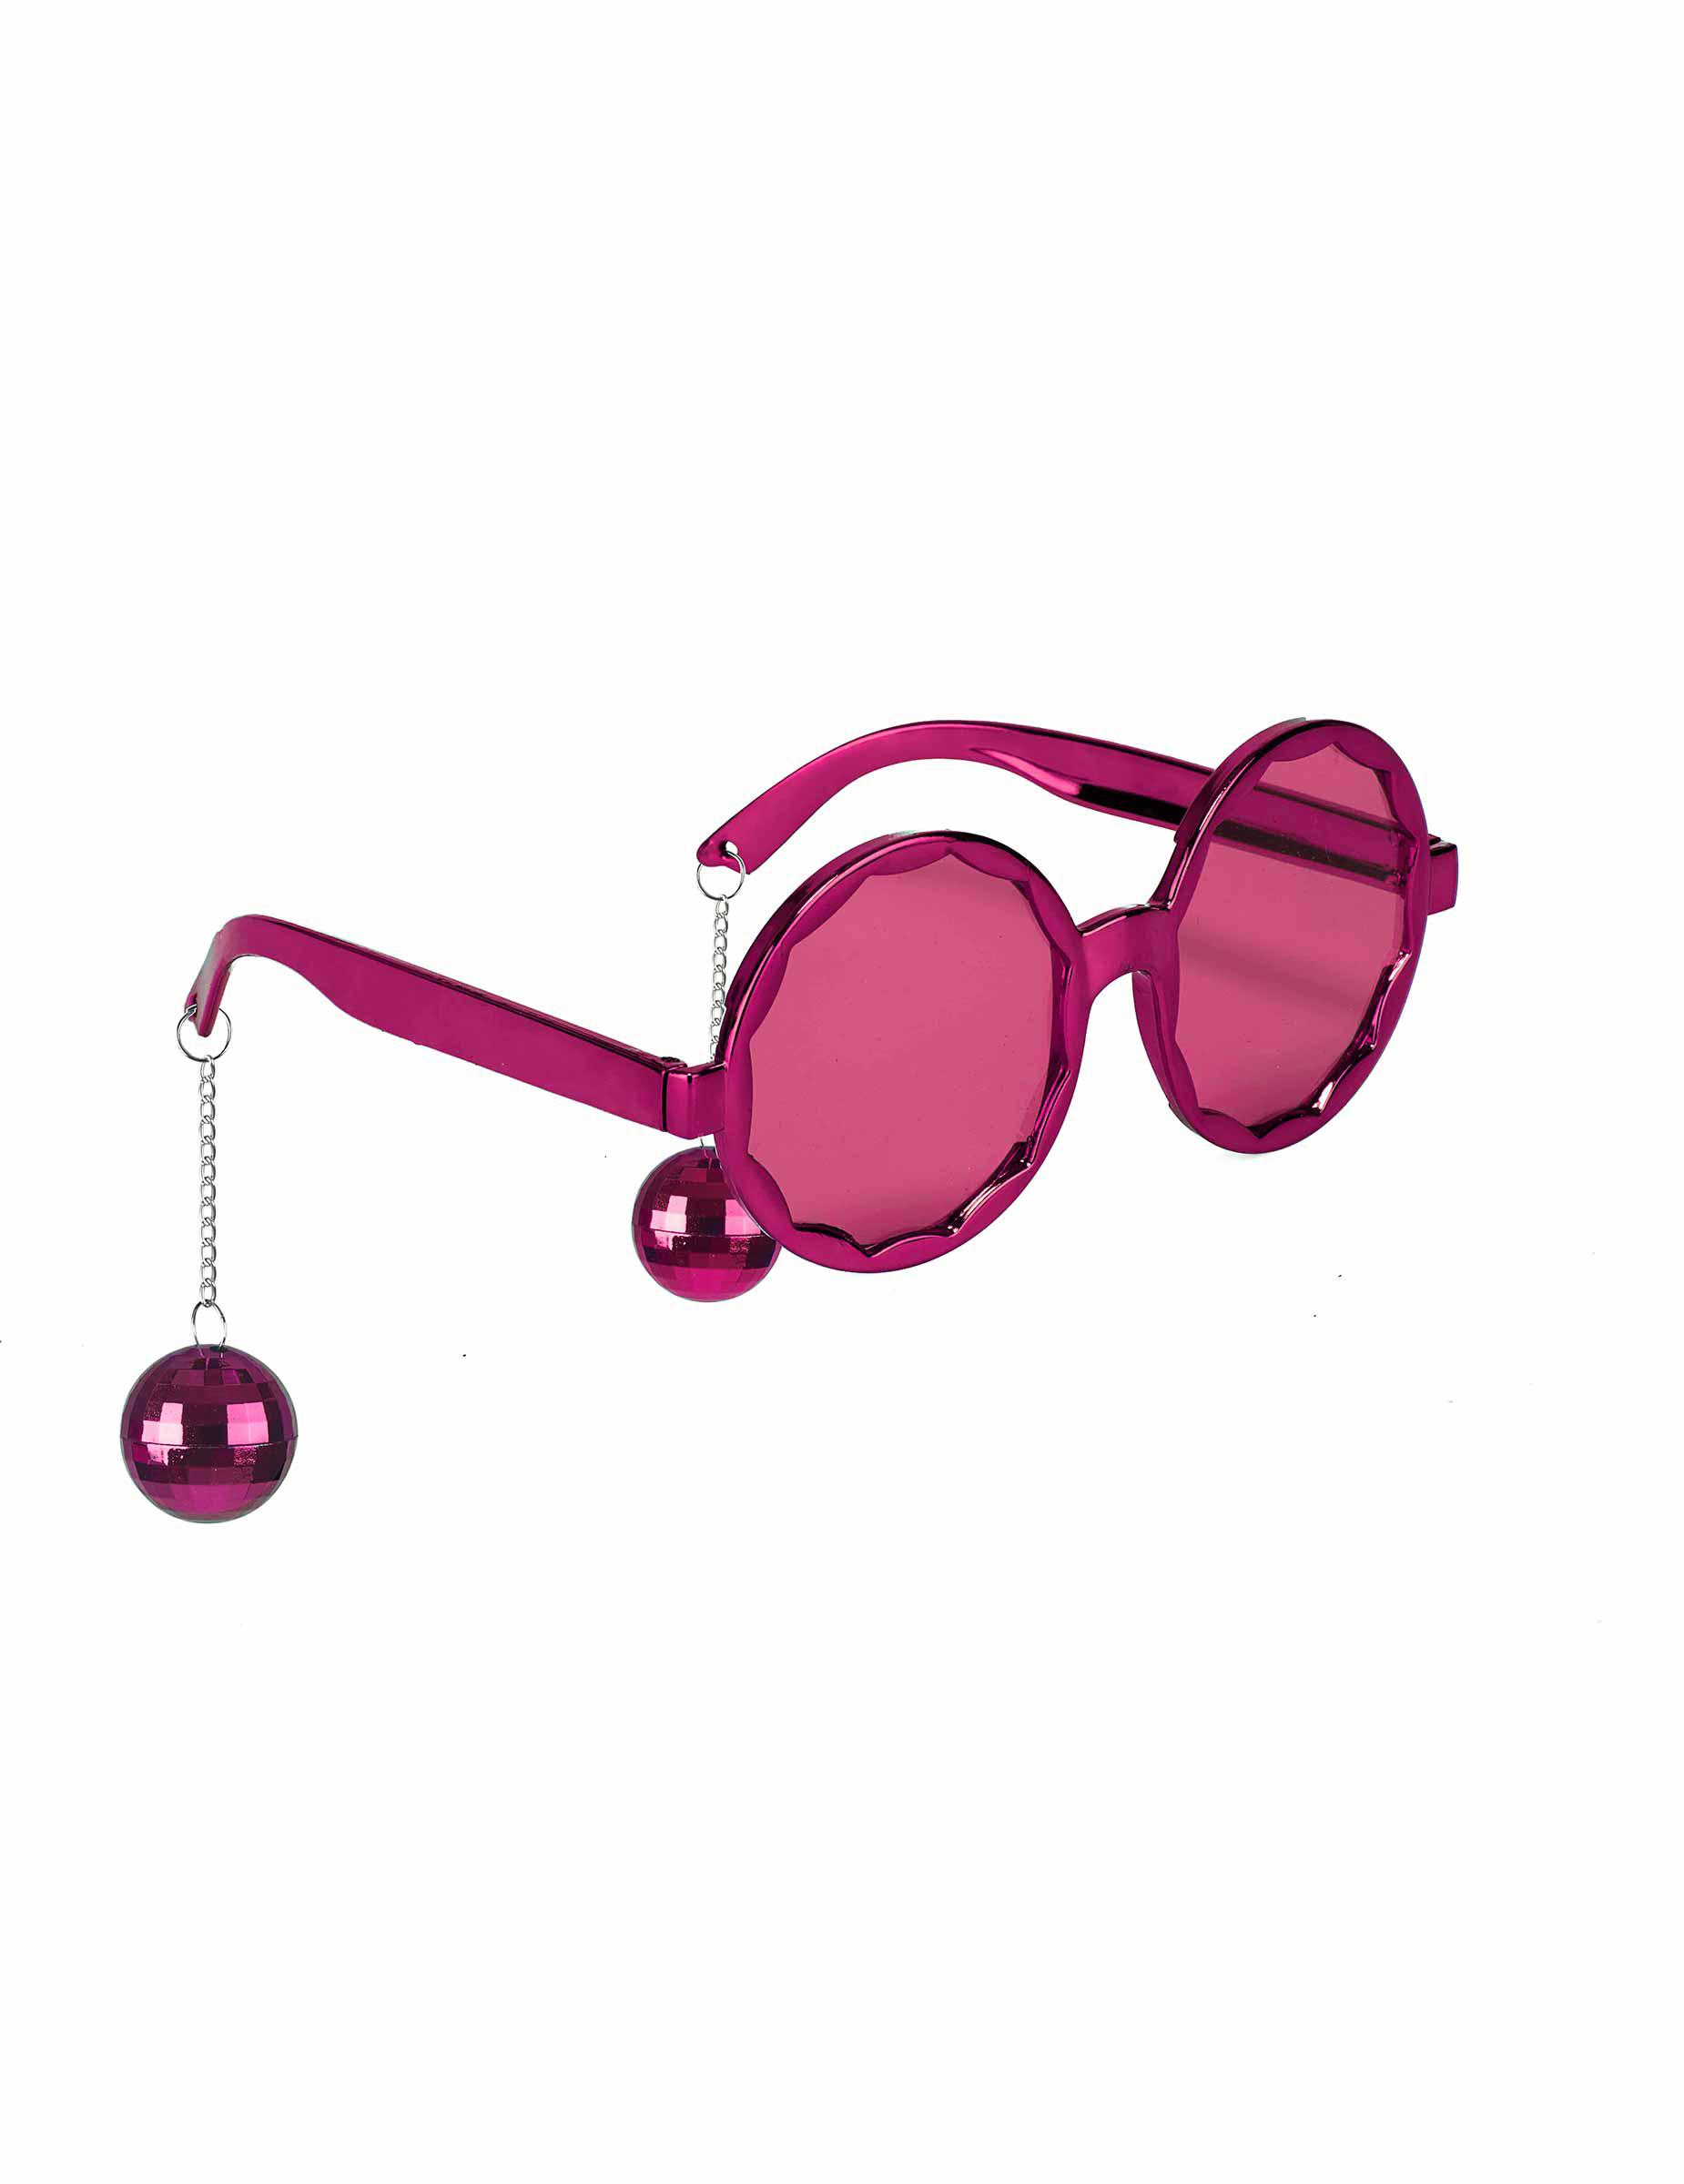 8a94501b0 óculos cor de rosa adulto: Acessórios,mascarilhas e fatos de ...